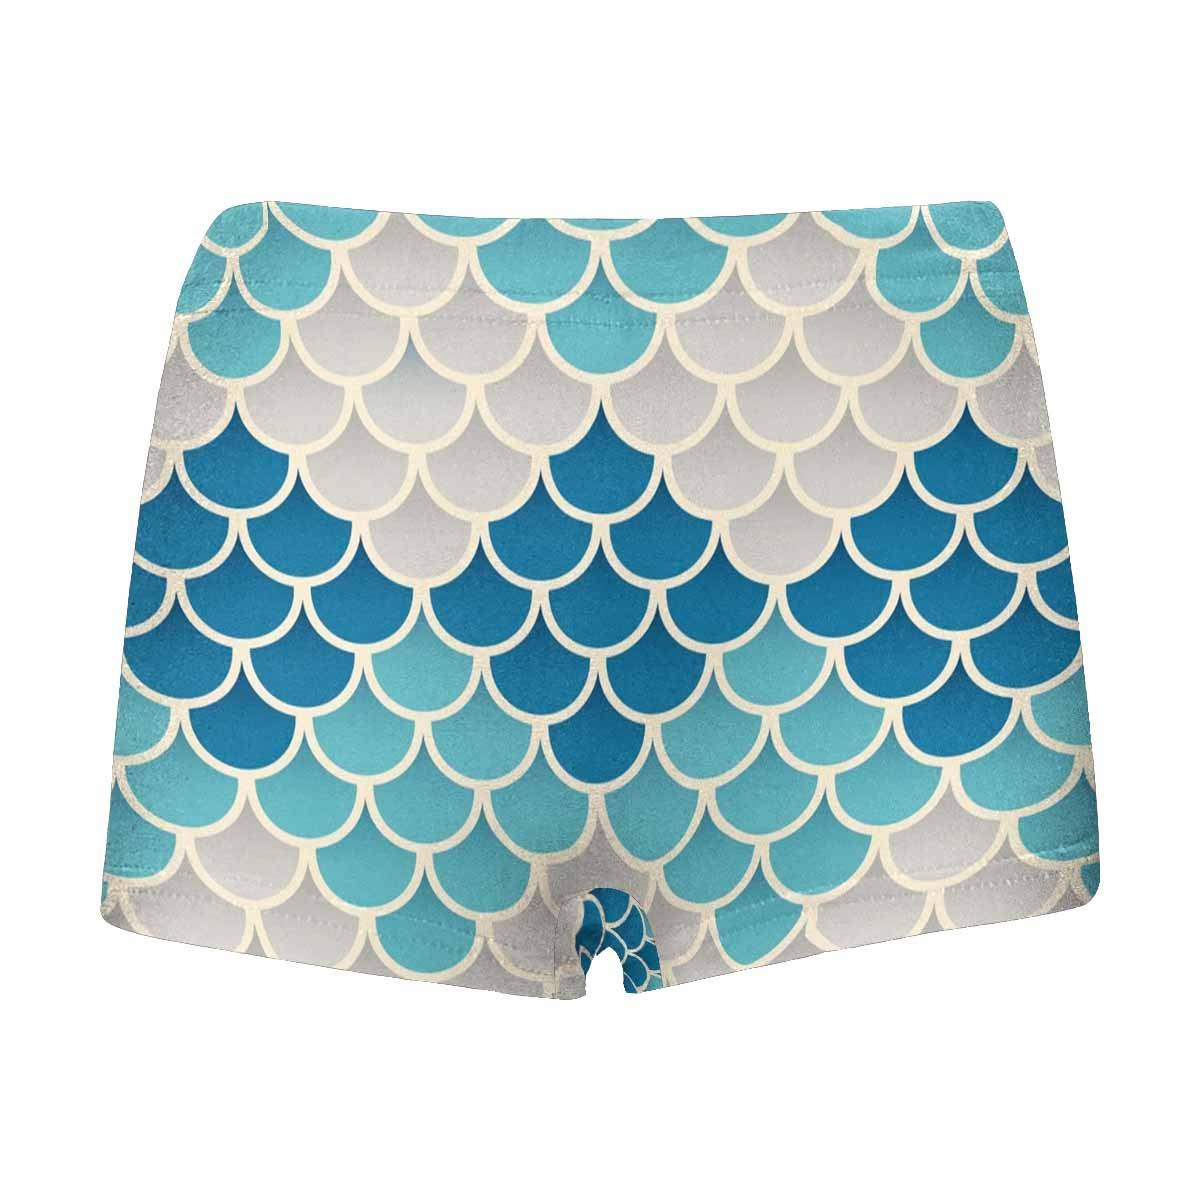 INTERESTPRINT Boys Fish Scales Boxer Brief Underwear 5T-2XL